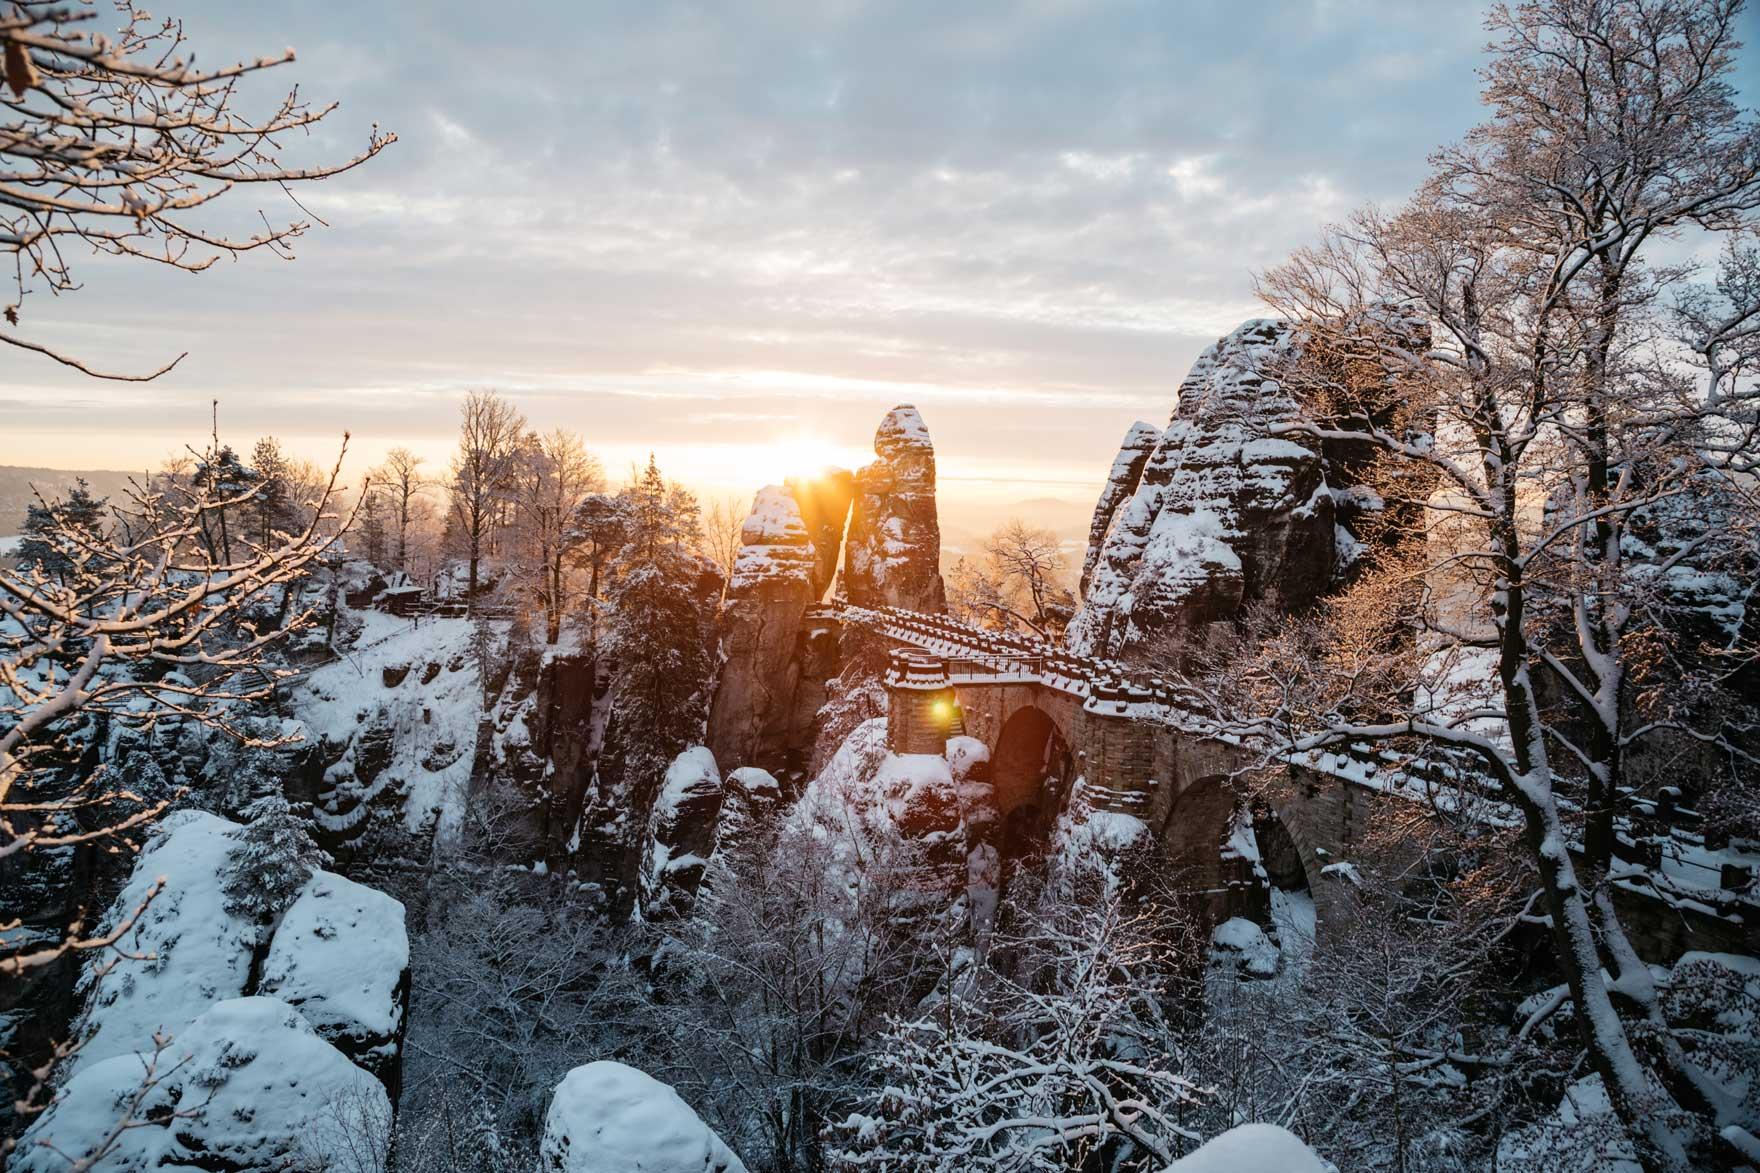 outdoor-fotografie-einfach-manuela-palmberger-munichmountaingirls